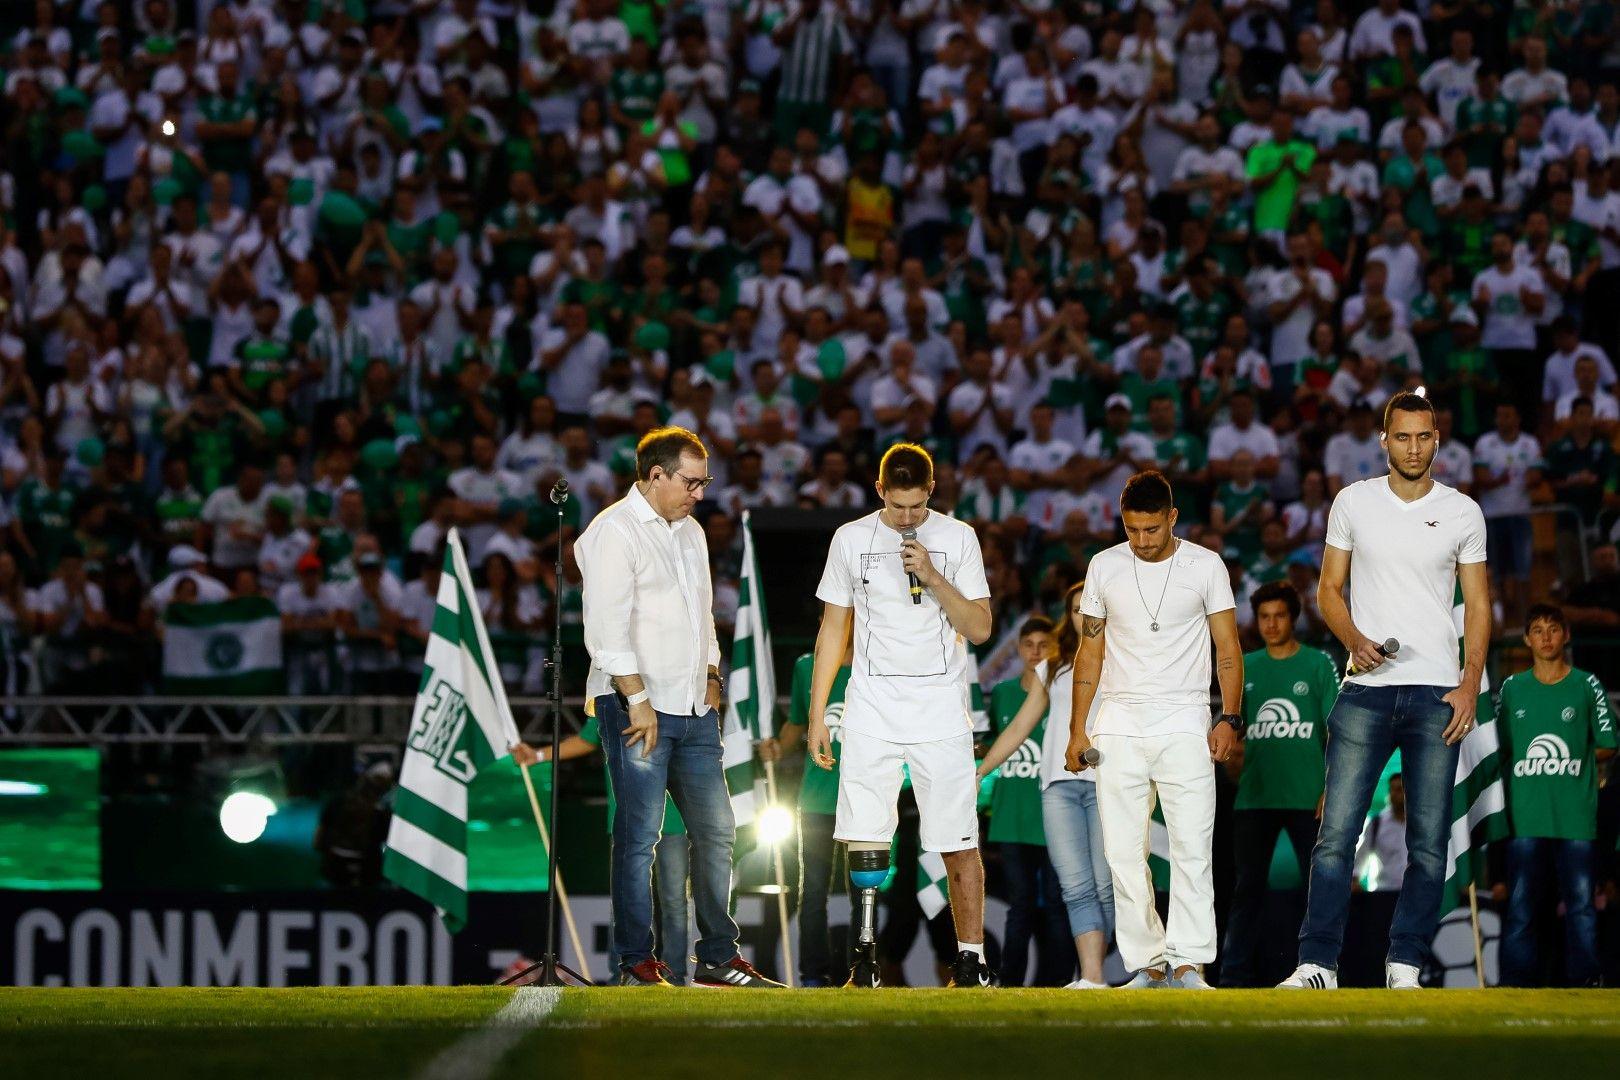 Хенсел, вляво, с тримата оцелели играчи на Чапекоензе при поклонението на стадиона на отбора след трагедията.